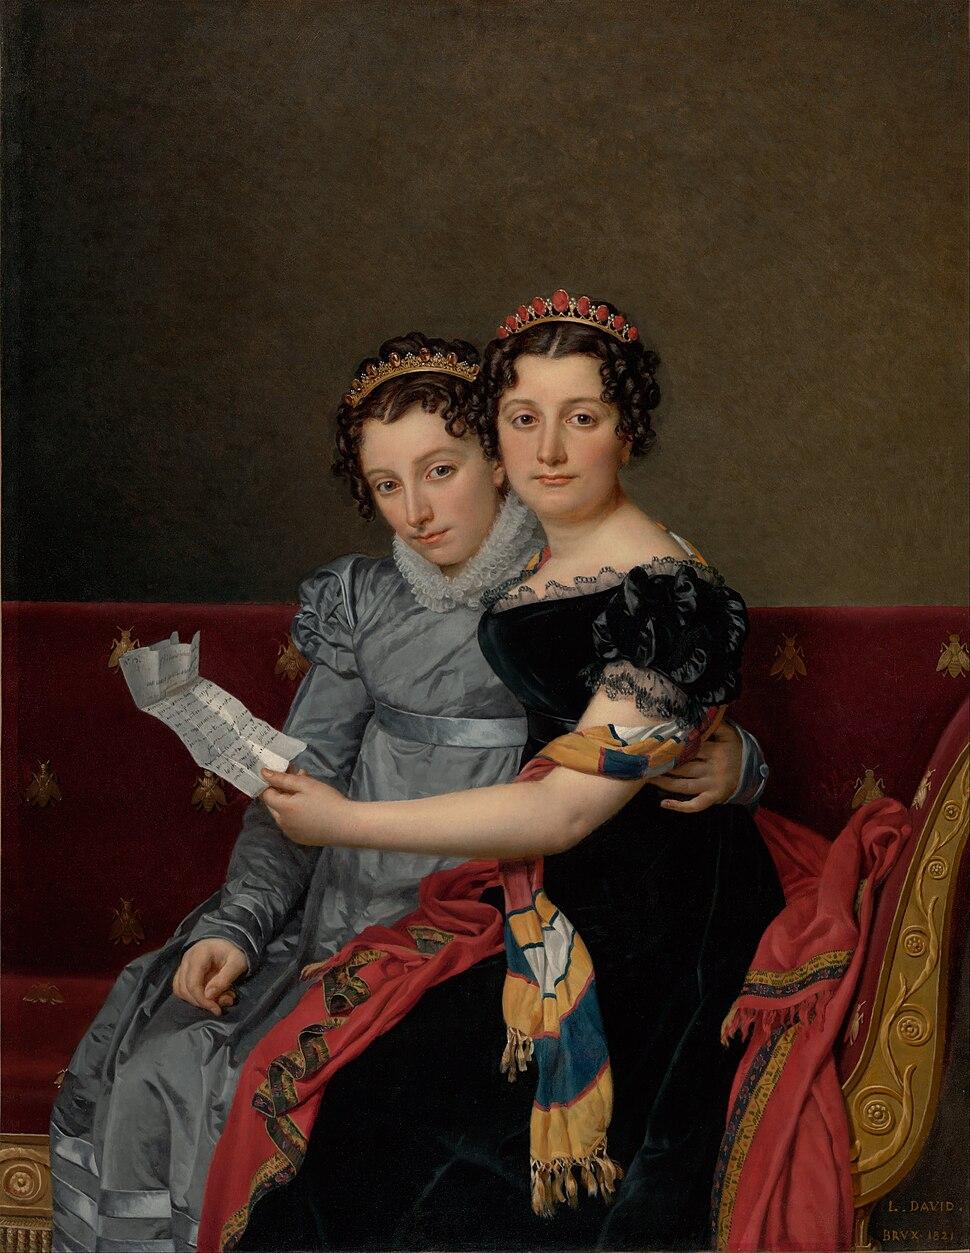 Jacques-Louis David - The Sisters Zénaïde and Charlotte Bonaparte - Google Art Project